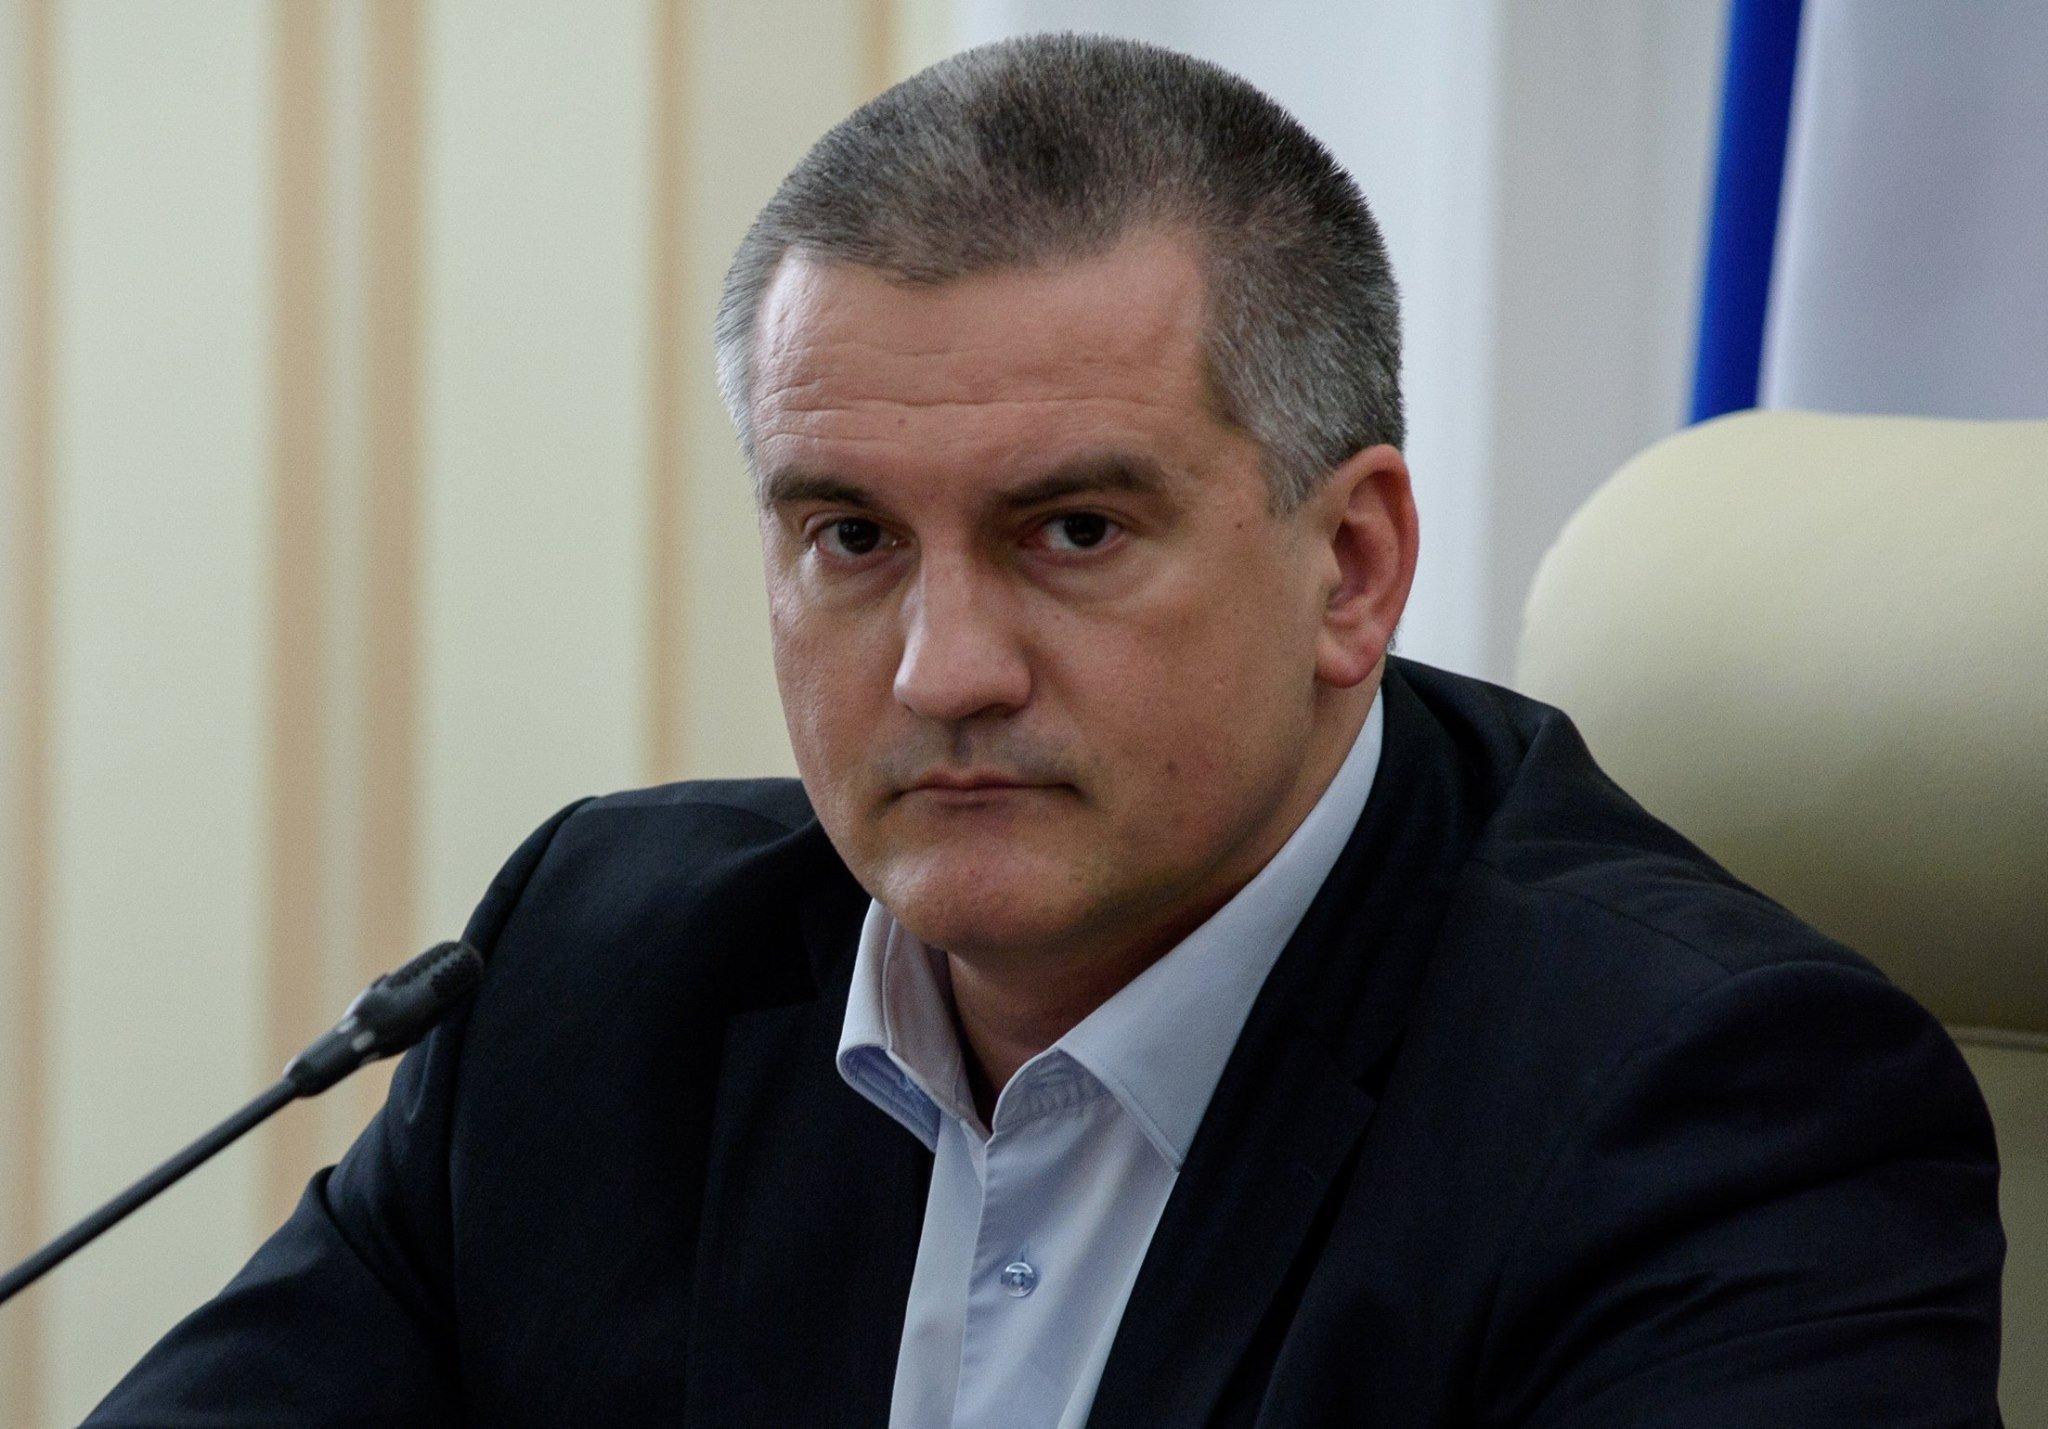 Аксенов поручил привести все остановки общественного транспорта в республике в однообразное состояние